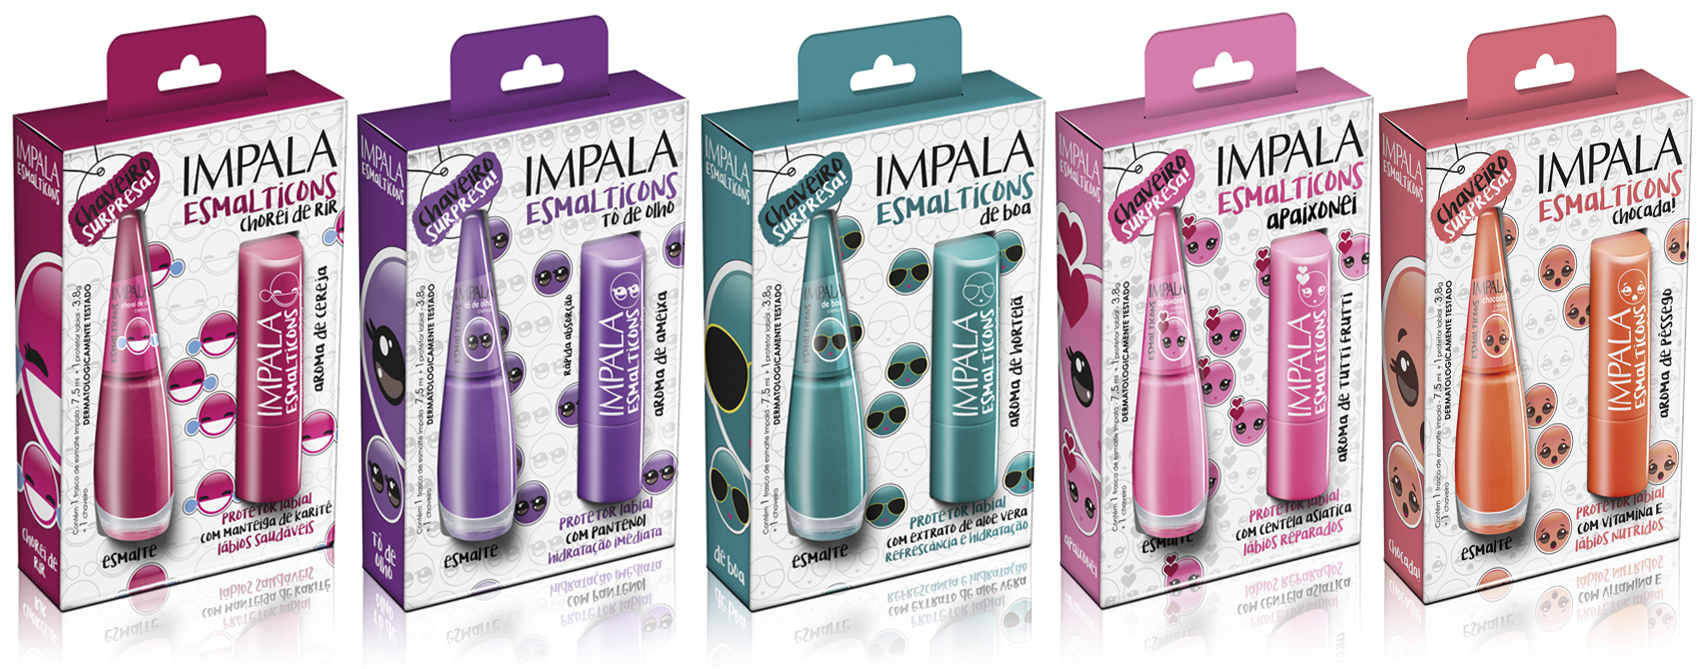 Impala lança Esmalticons: a nova coleção de verão da marca